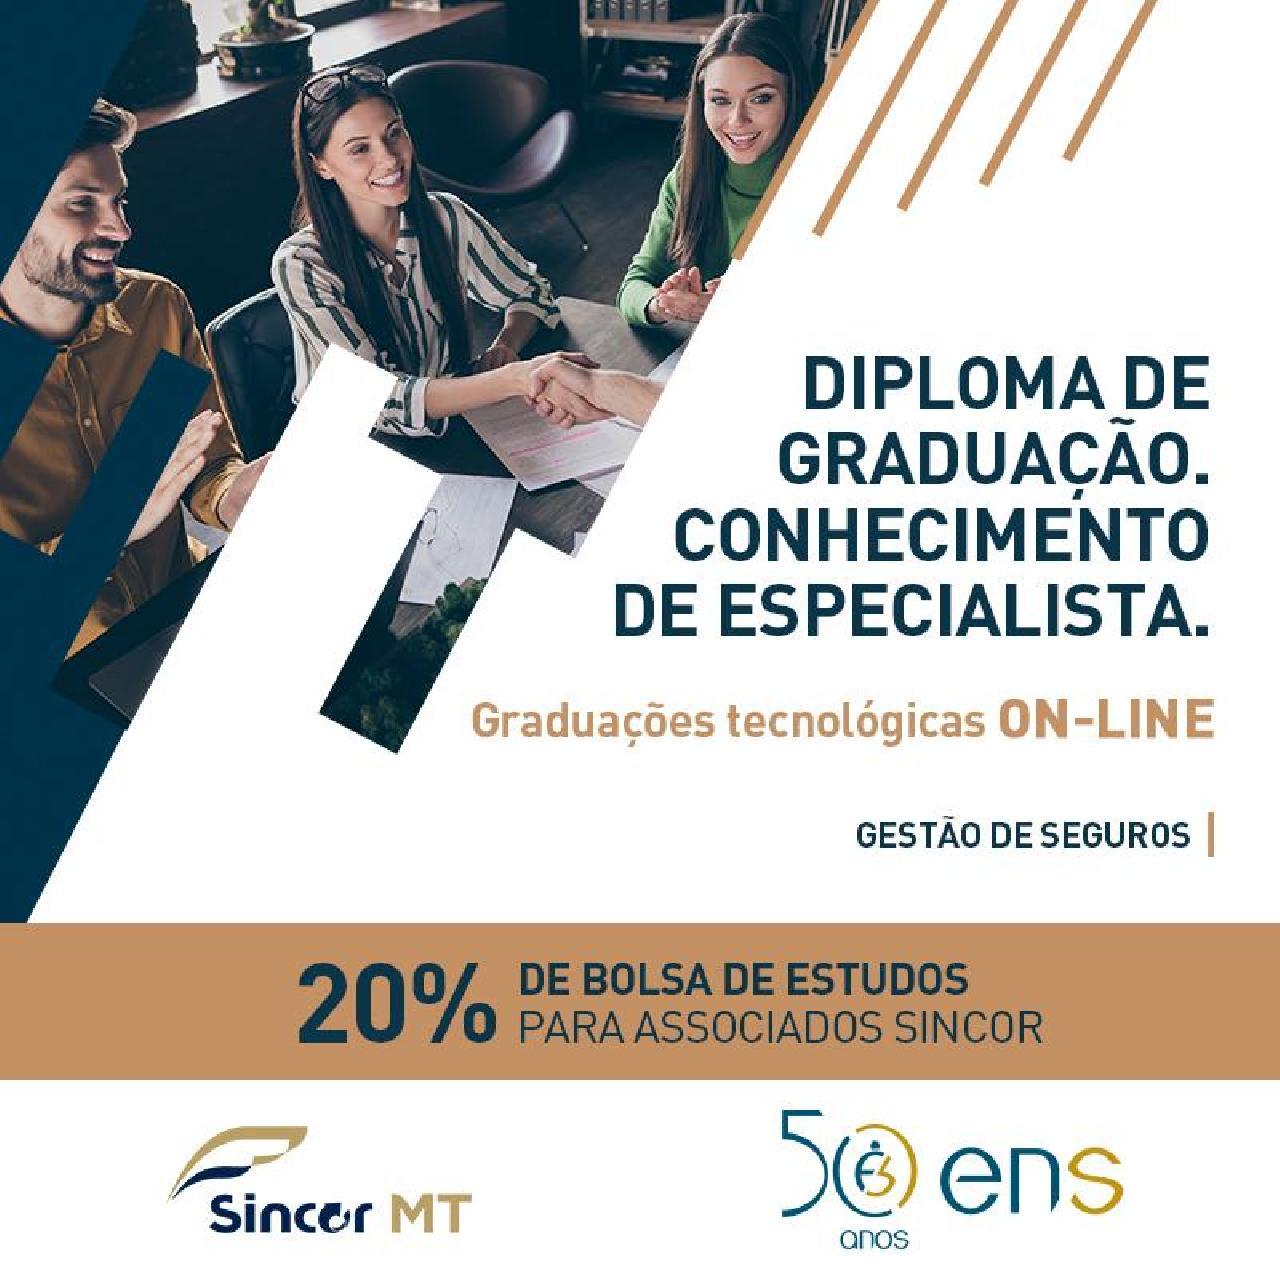 ASSOCIADO SINCOR MT TEM 20% DE BOLSA NA GRADUAÇÃO EM GESTÃO DE SEGUROS DA ENS!